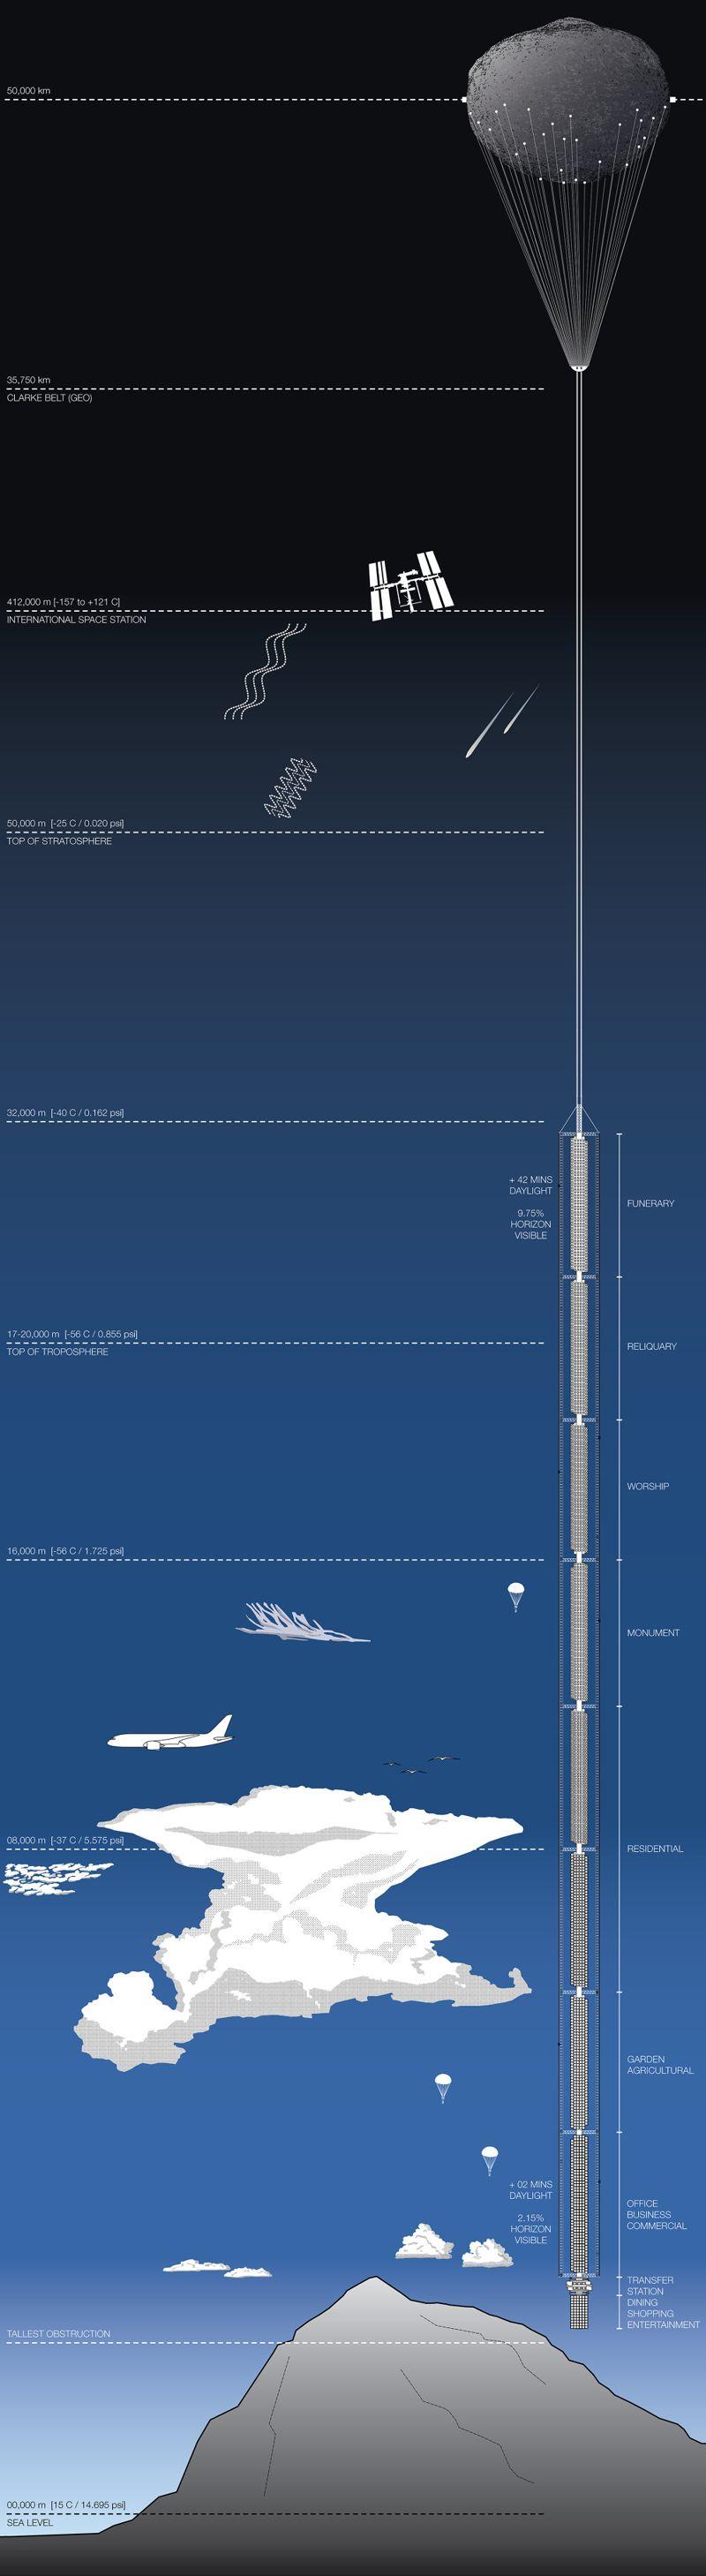 Eventos en el cielo: eclipses y  otros fenómenos planetarios  - Página 13 Analemma-ATMOS-diagram-01_1000